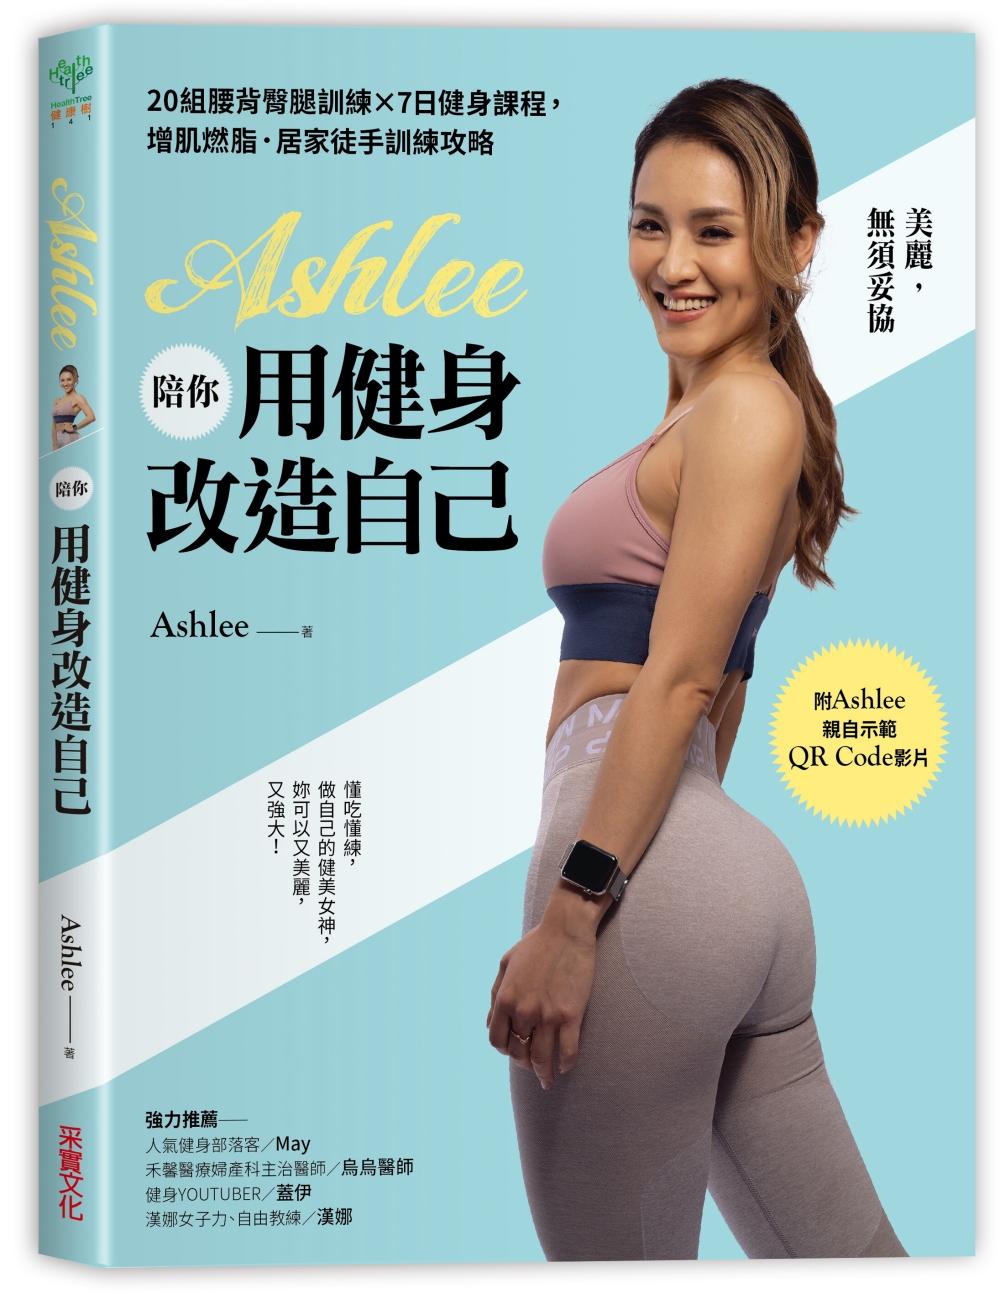 Ashlee陪你用健身改造自己:20組背腰臀腿訓練×7日健身課程,增肌燃脂.居家徒手訓練攻略【附QR Code健身示範影片】